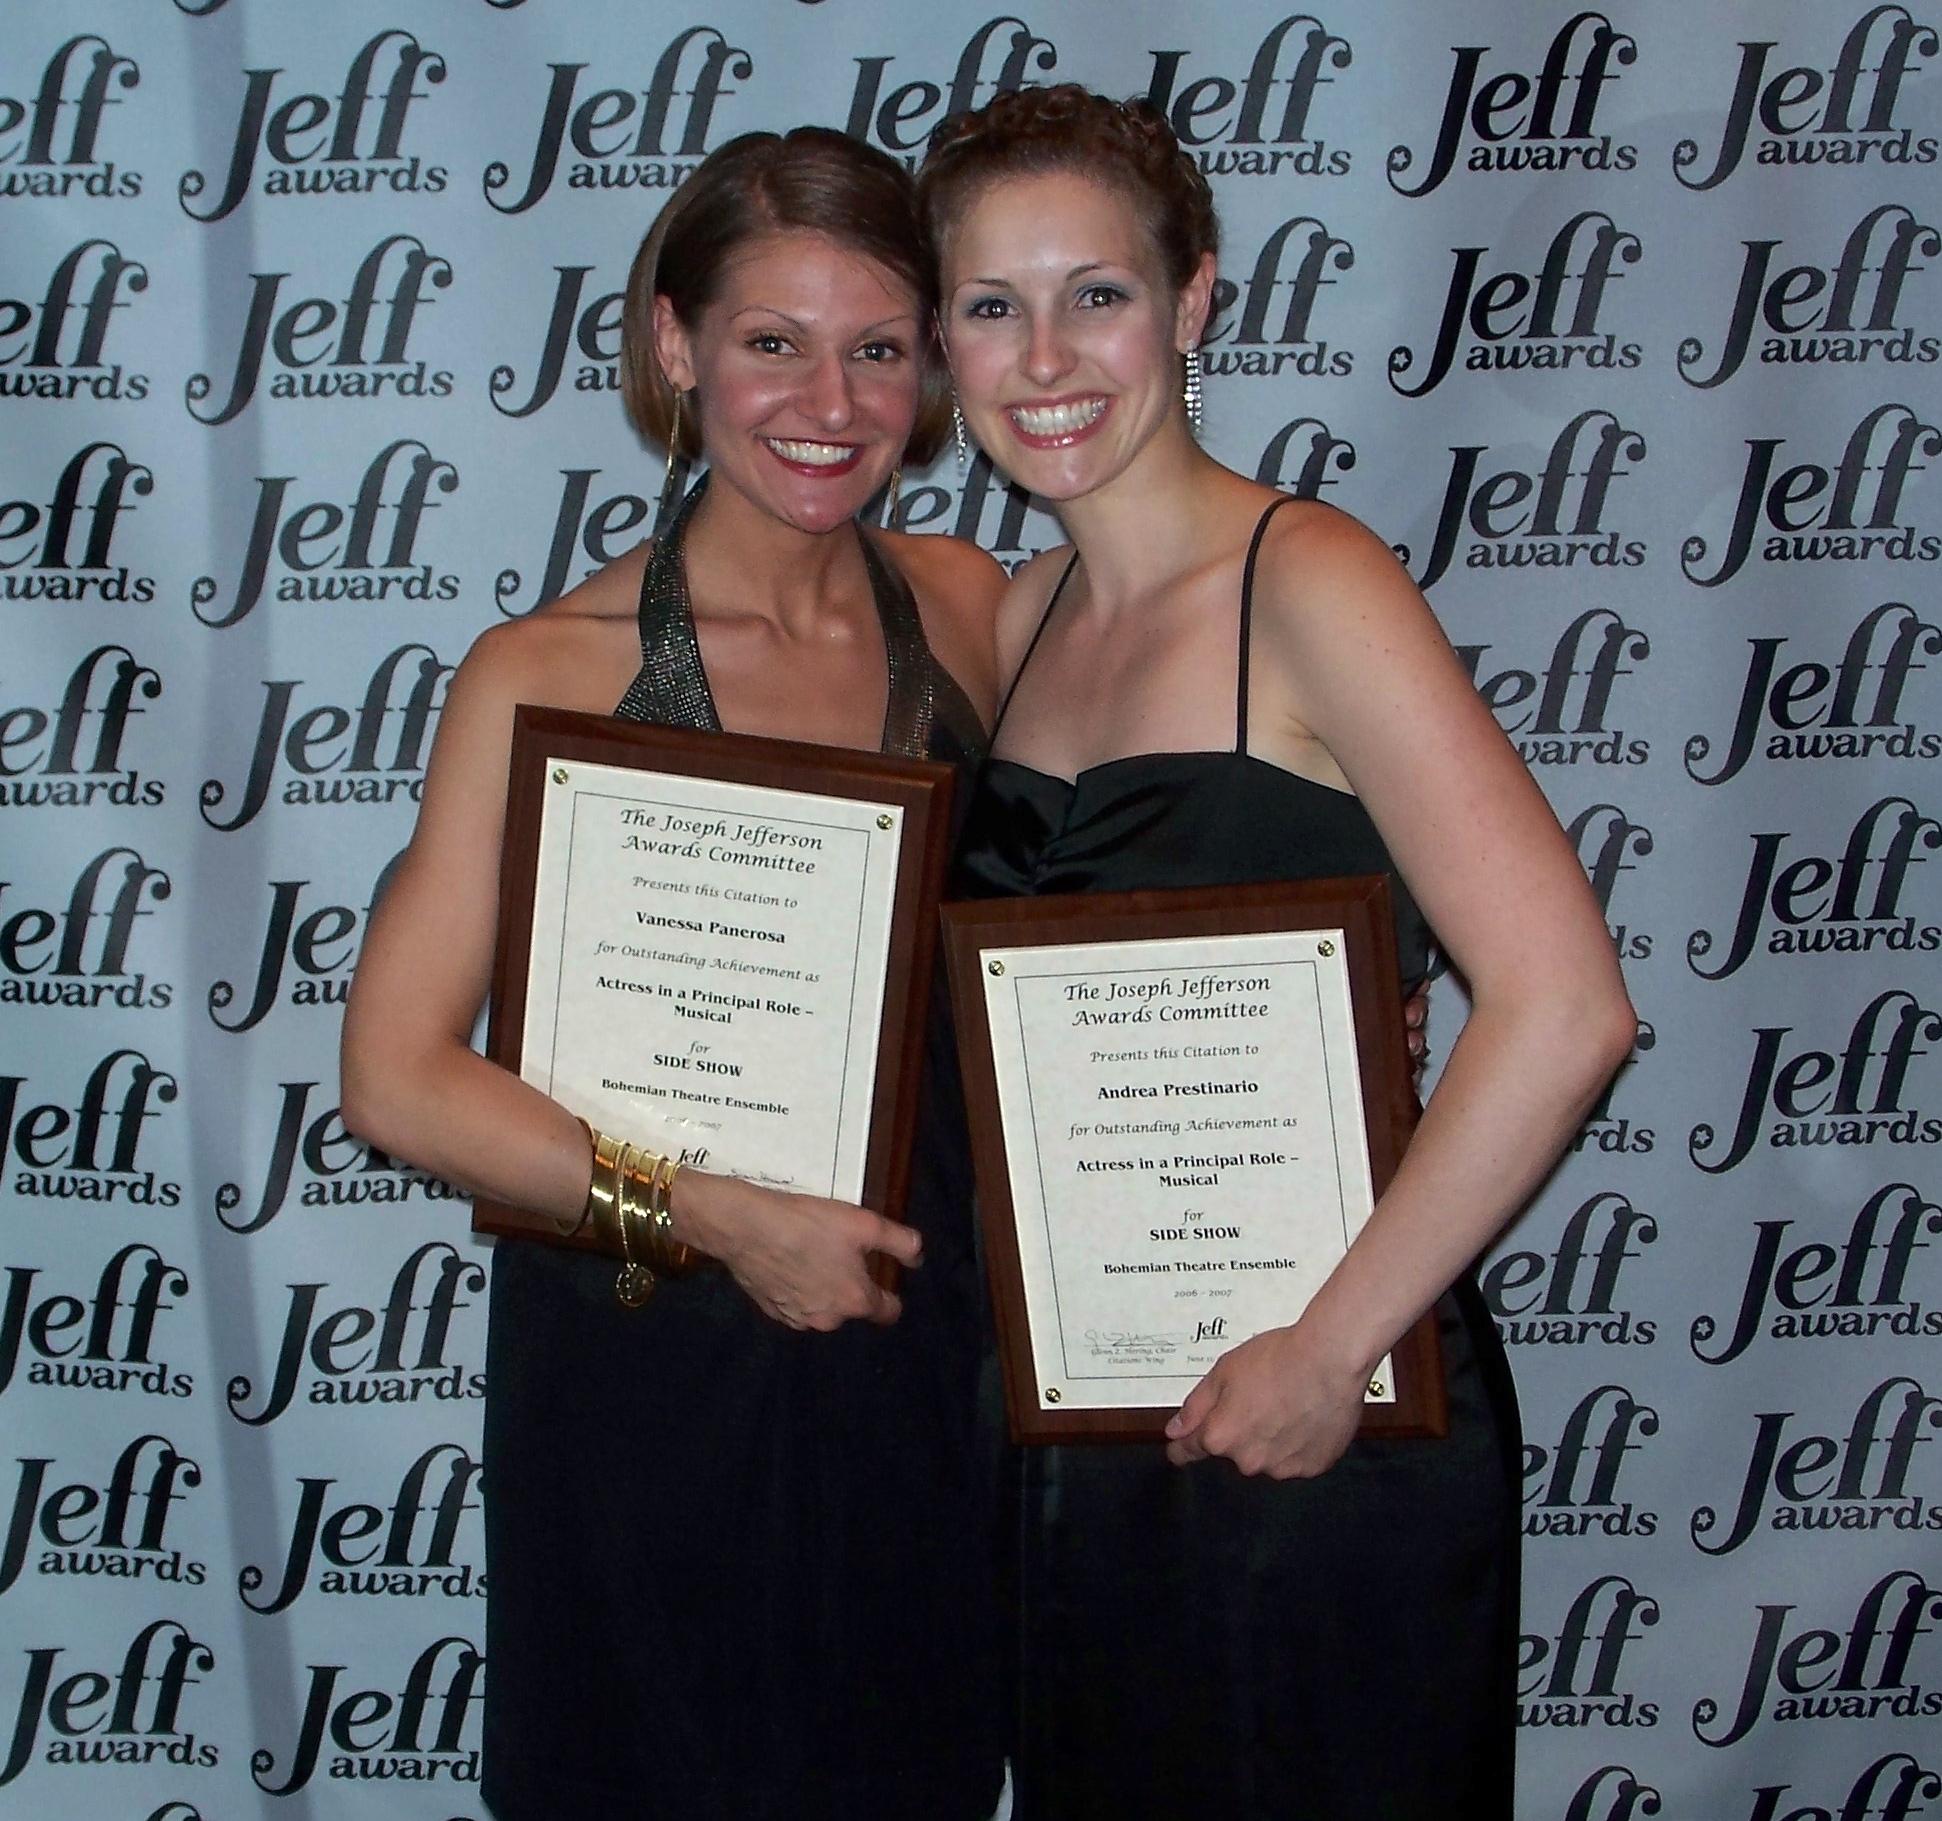 the-jeff-awards-with-vanessa-panerosa_4282147804_o.jpg